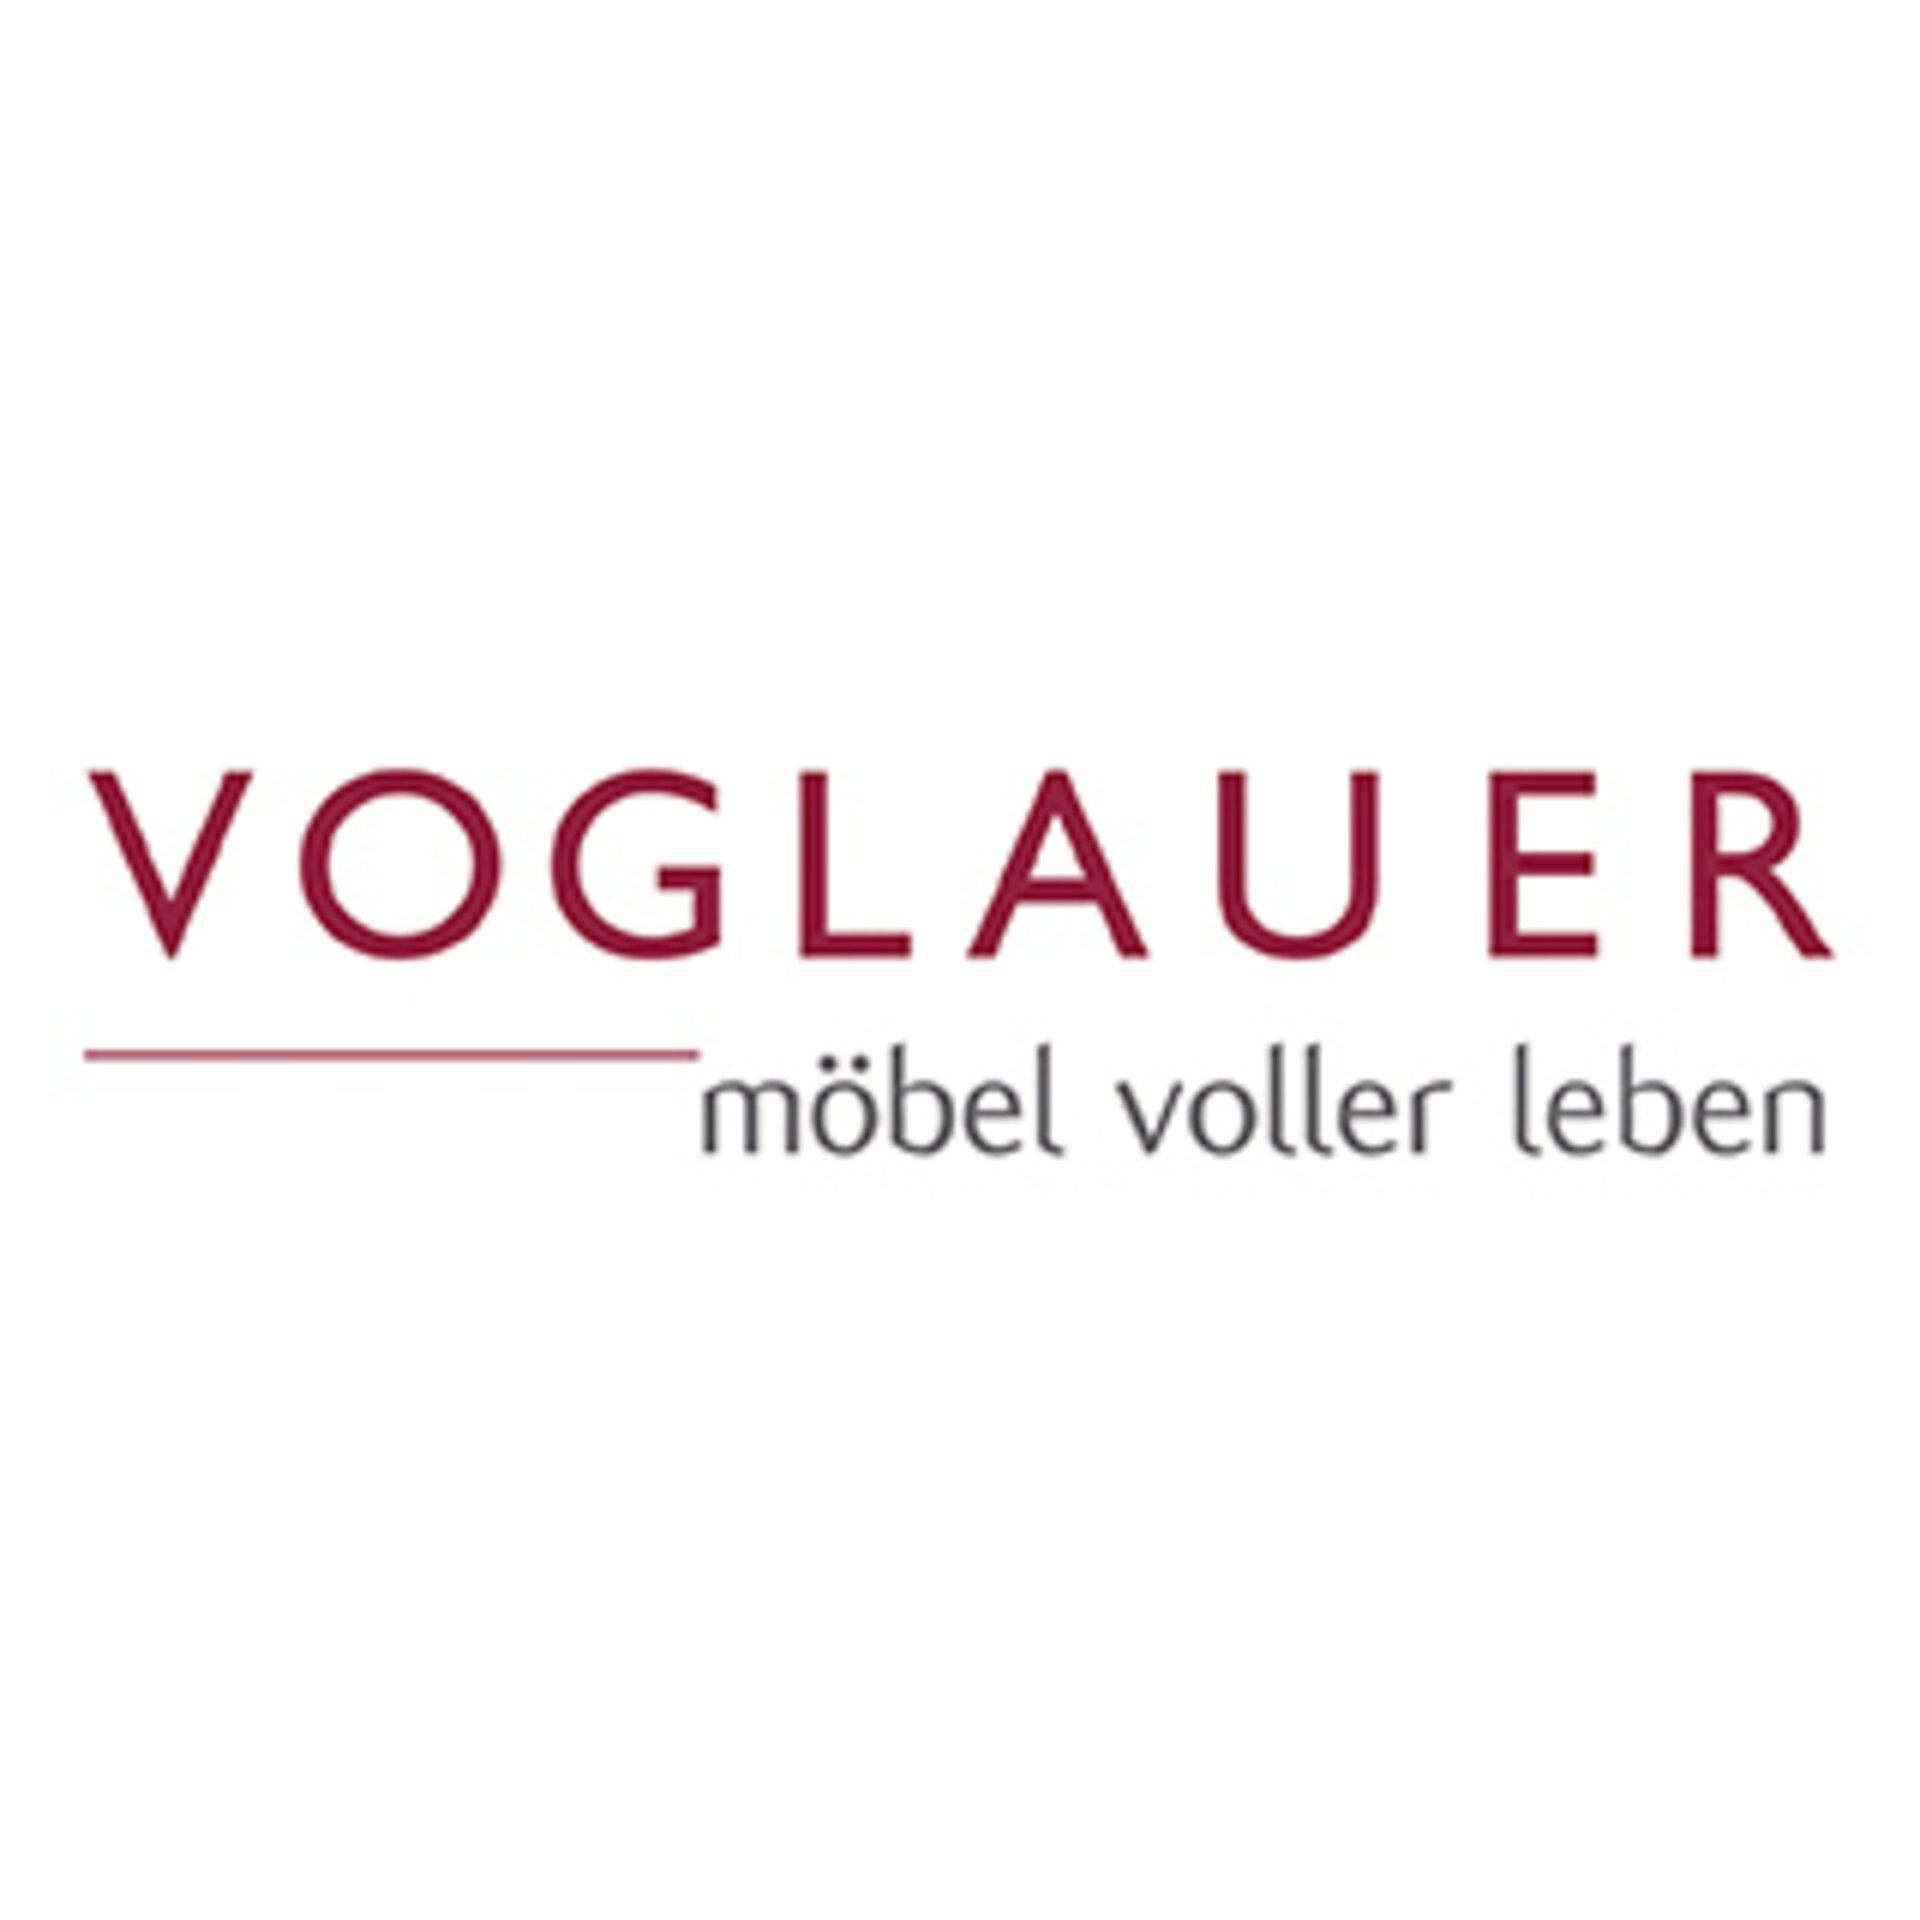 Marken Logo  VOGLAUER möbel voller leben